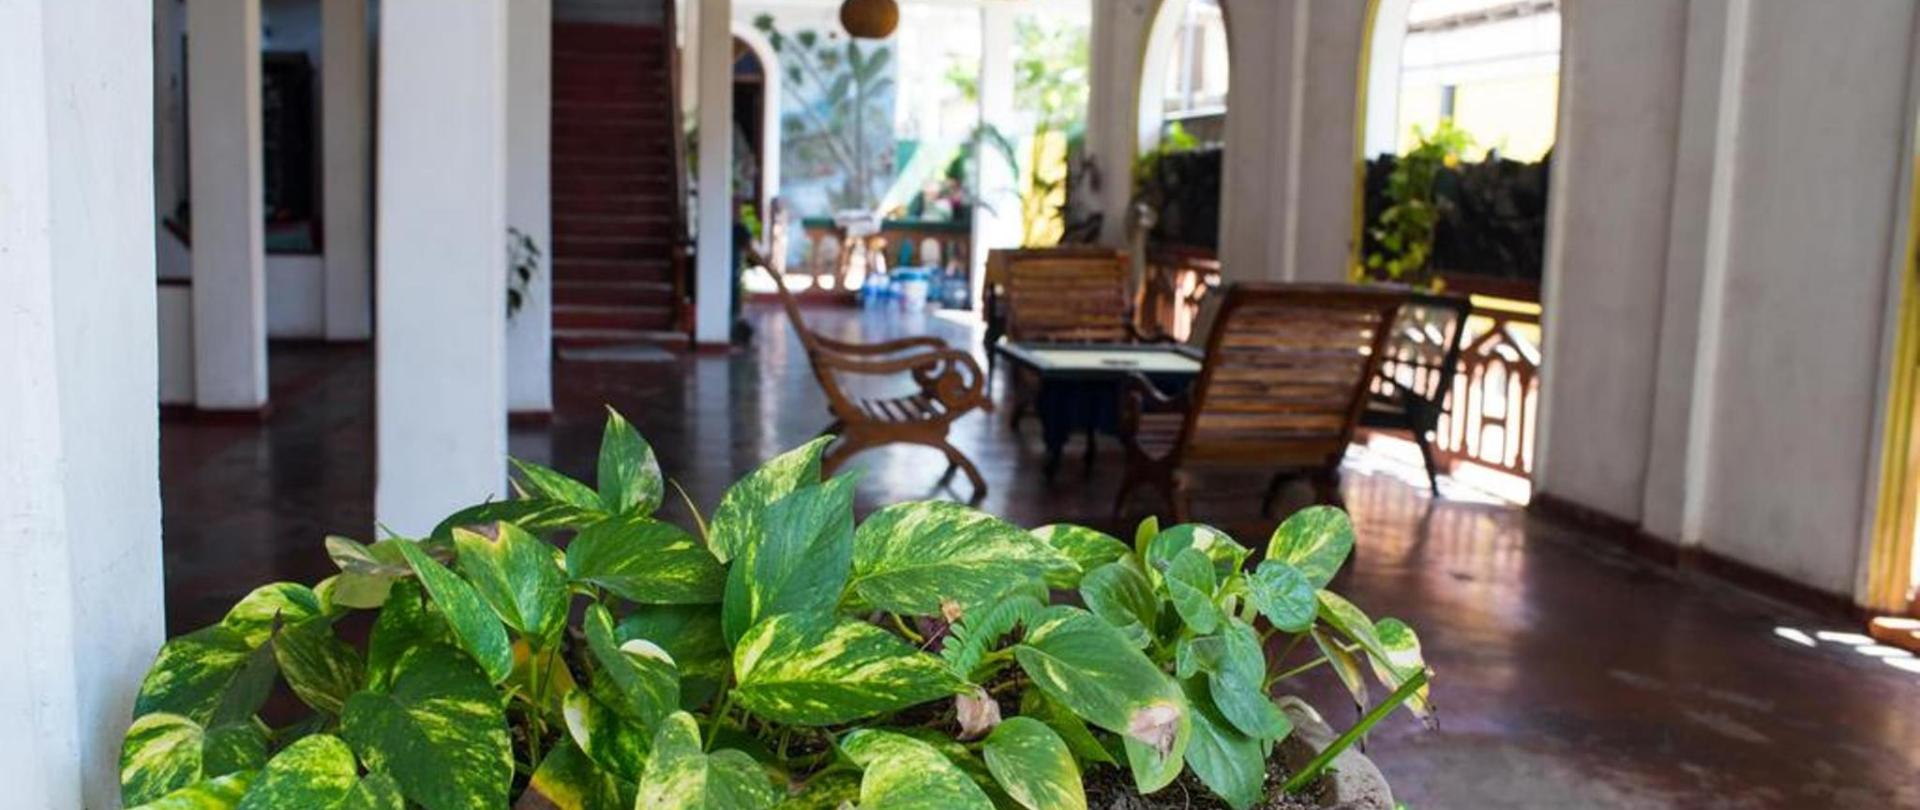 Casalanka Hotel Hikkaduwa Sri Lanka.jpg